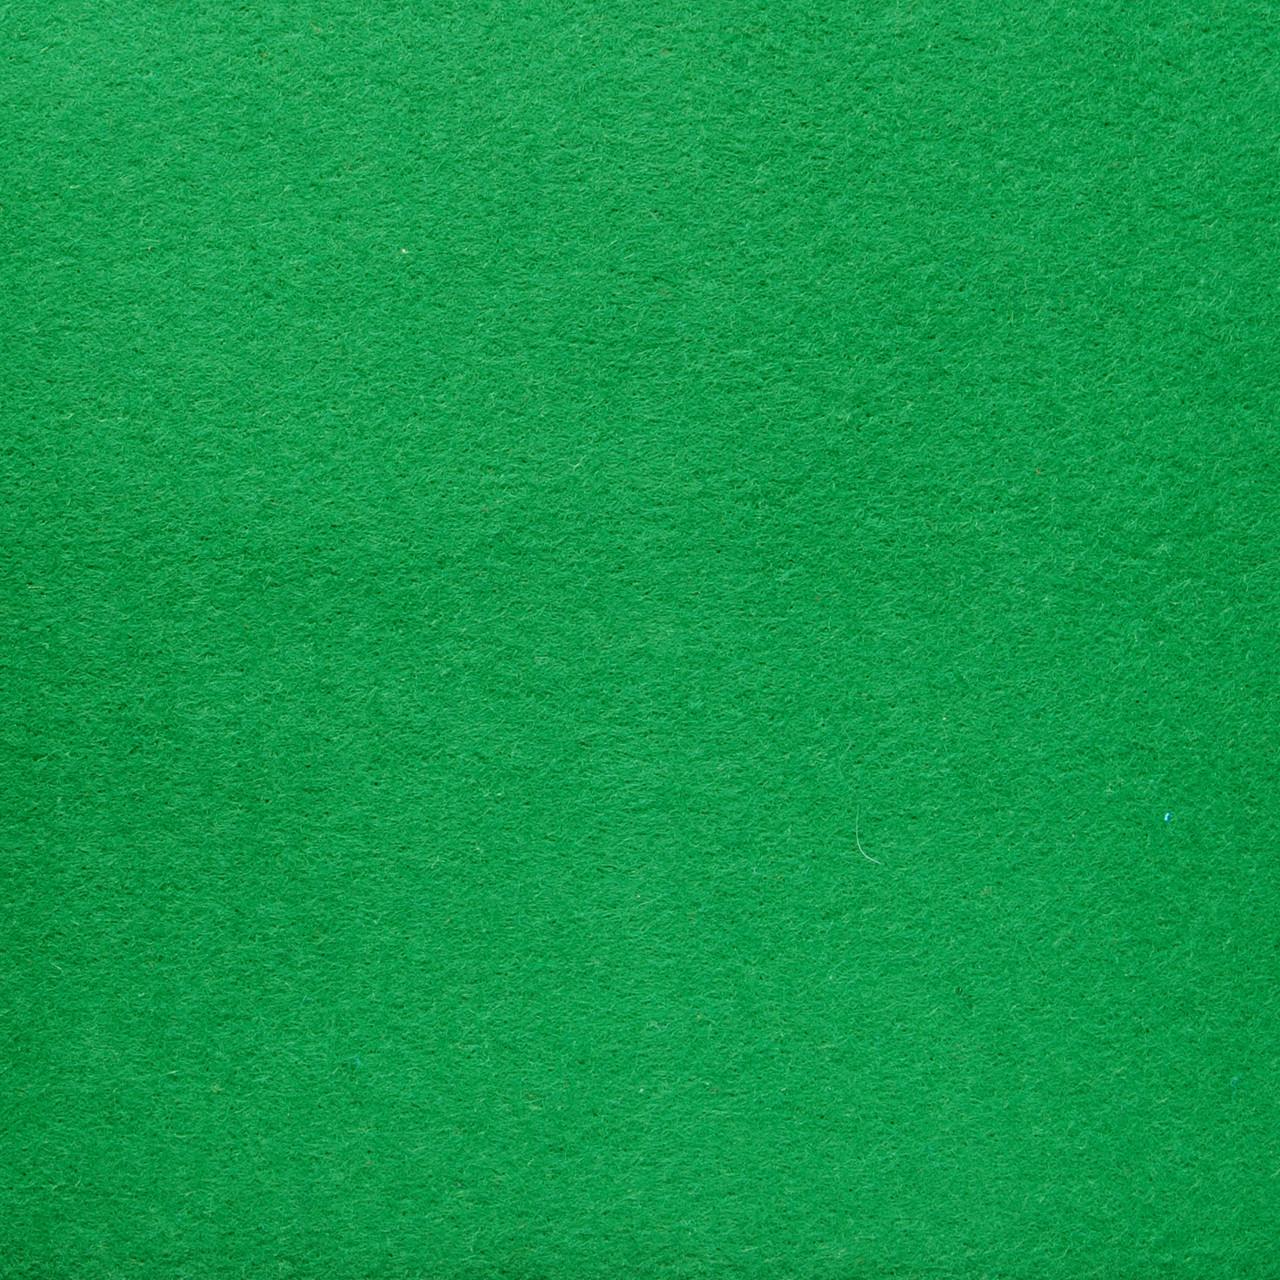 Фетр жесткий 4 мм, 45x33 см, ЗЕЛЕНЫЙ